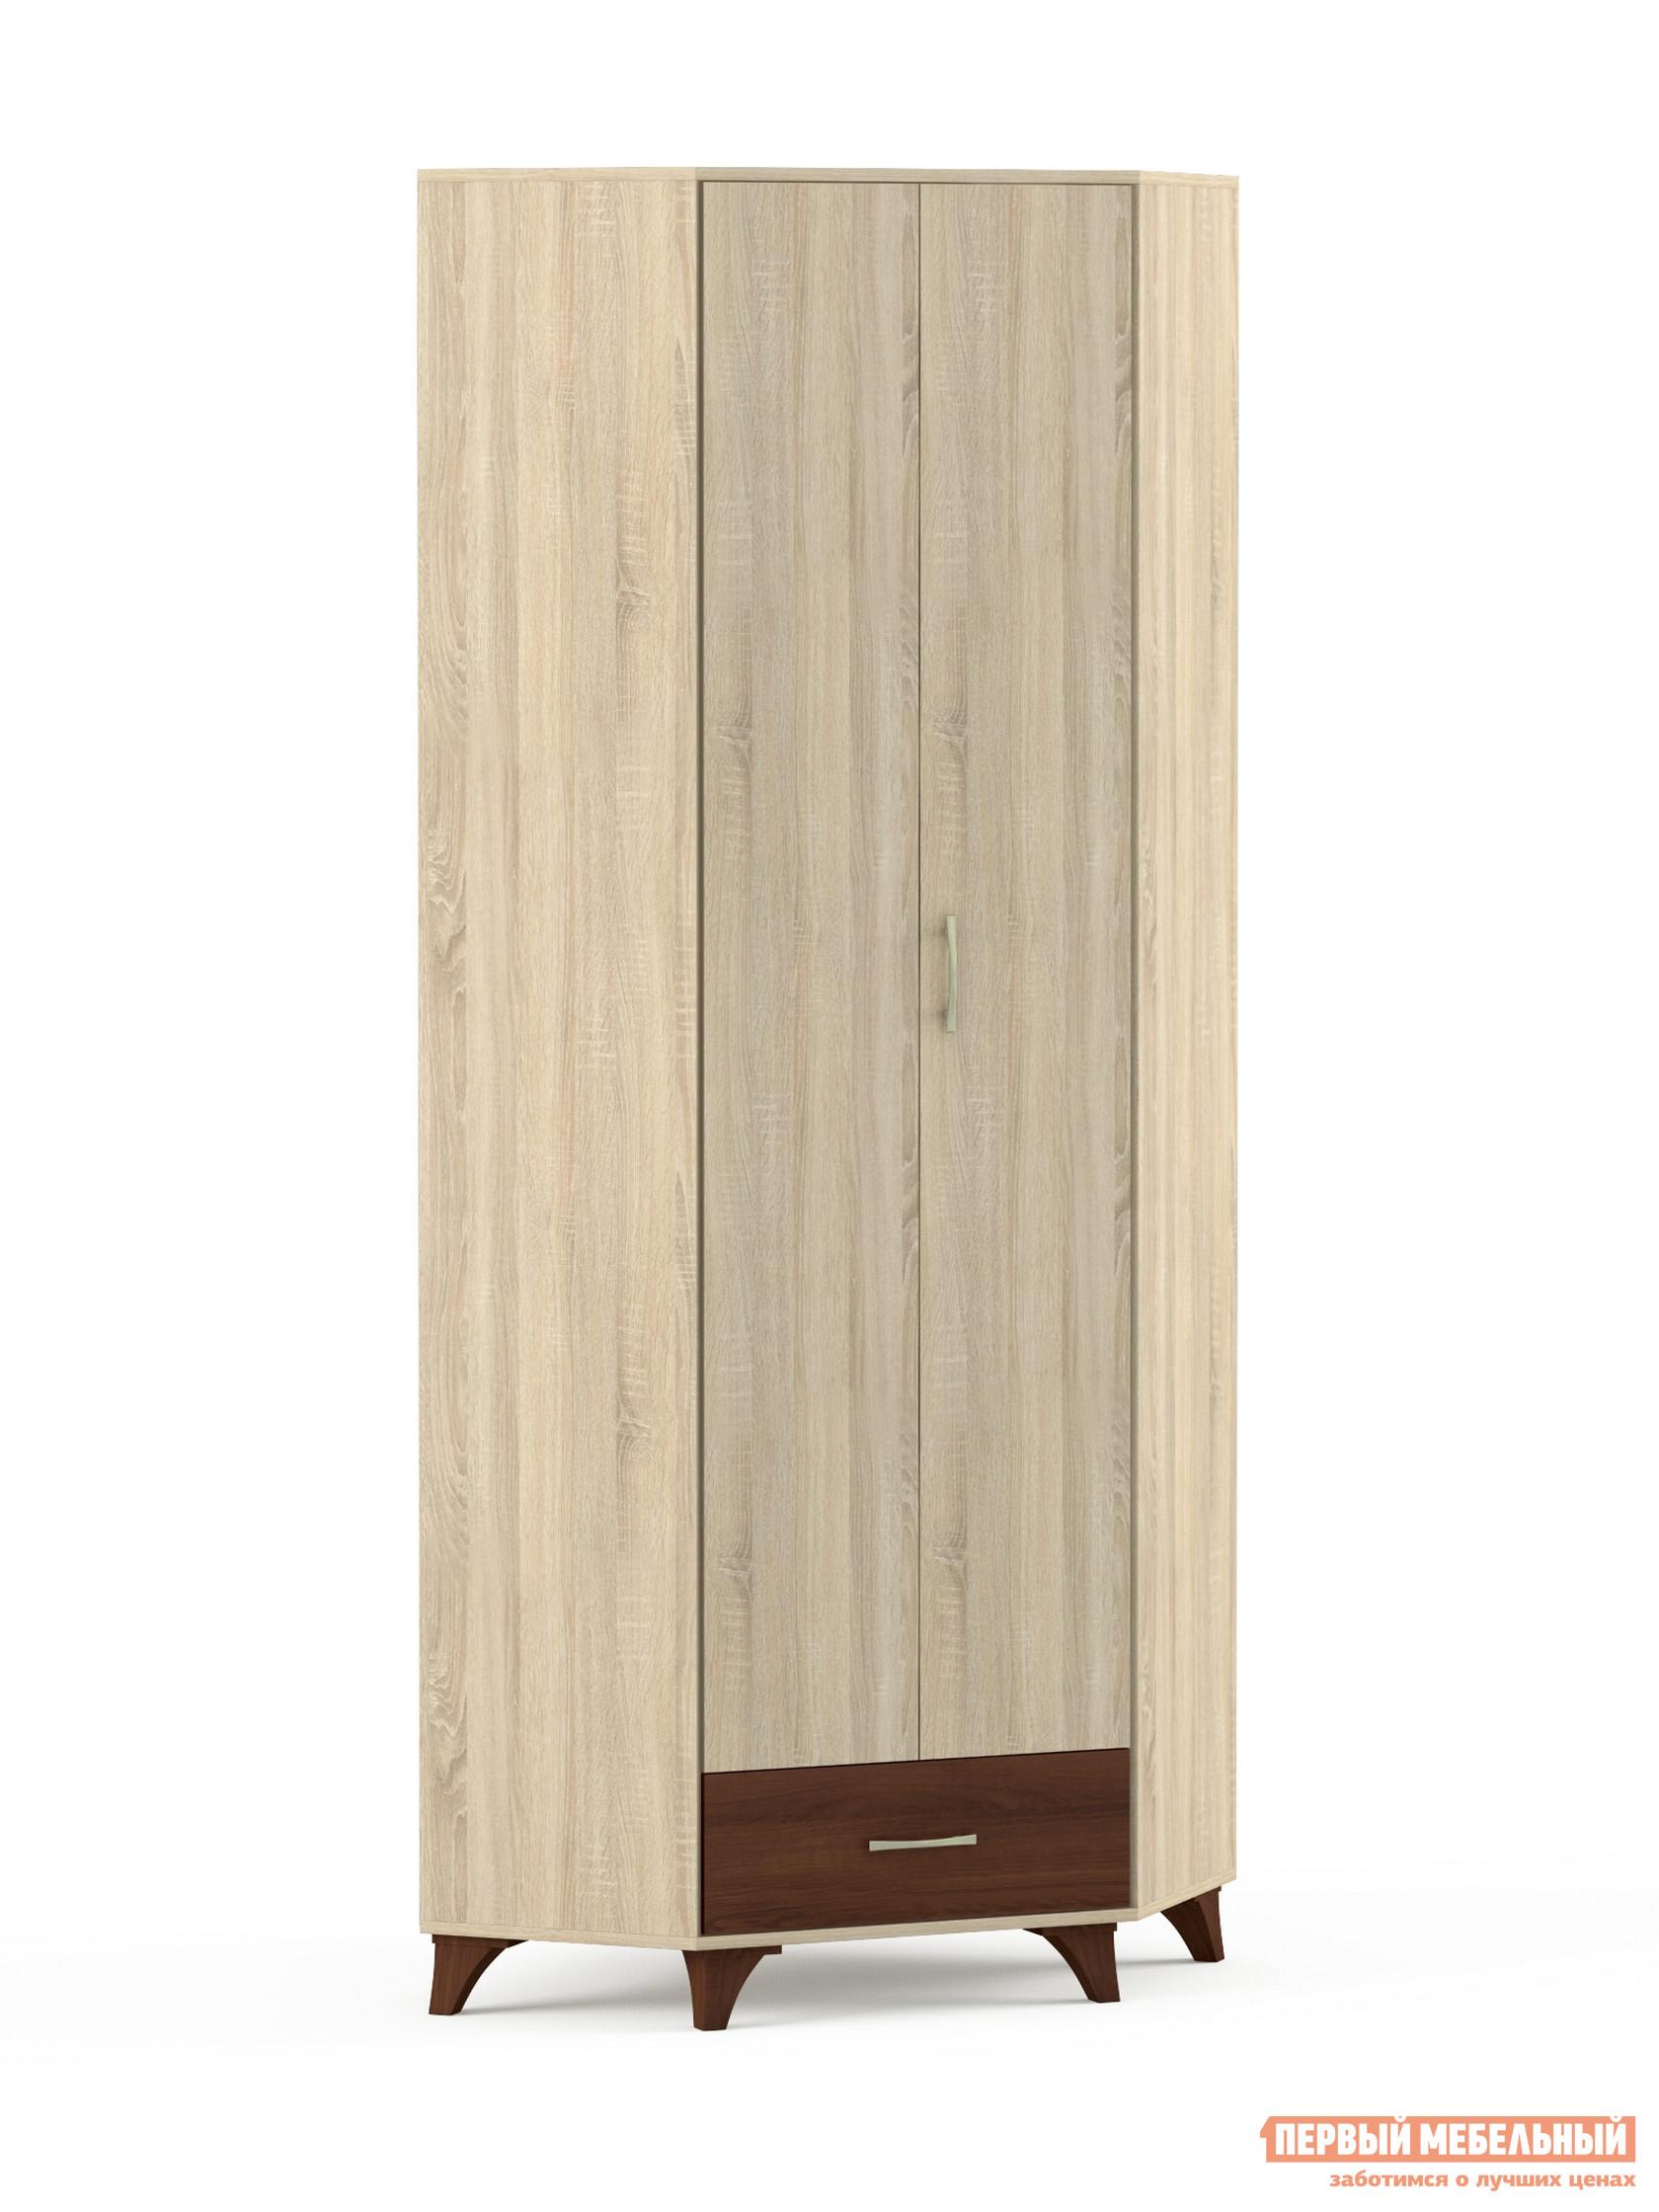 Угловой шкаф Первый Мебельный Келли Шкаф П угловой